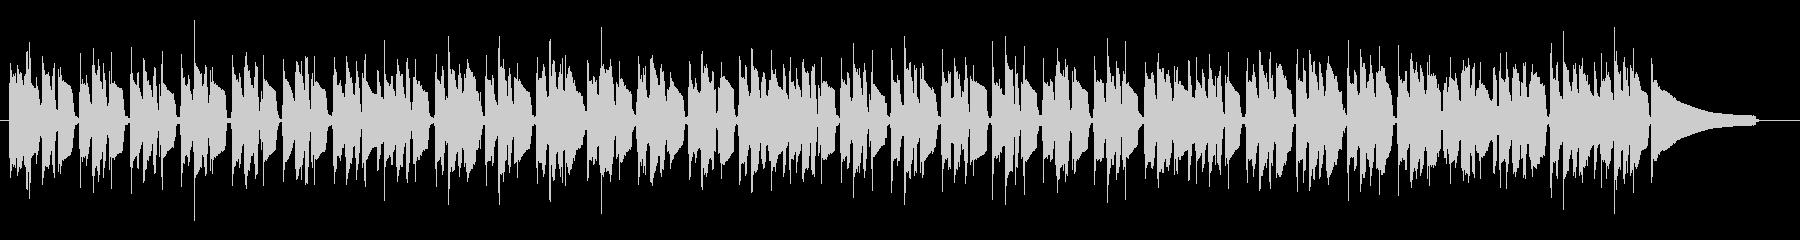 使いやすいファンク ドラム無し版の未再生の波形